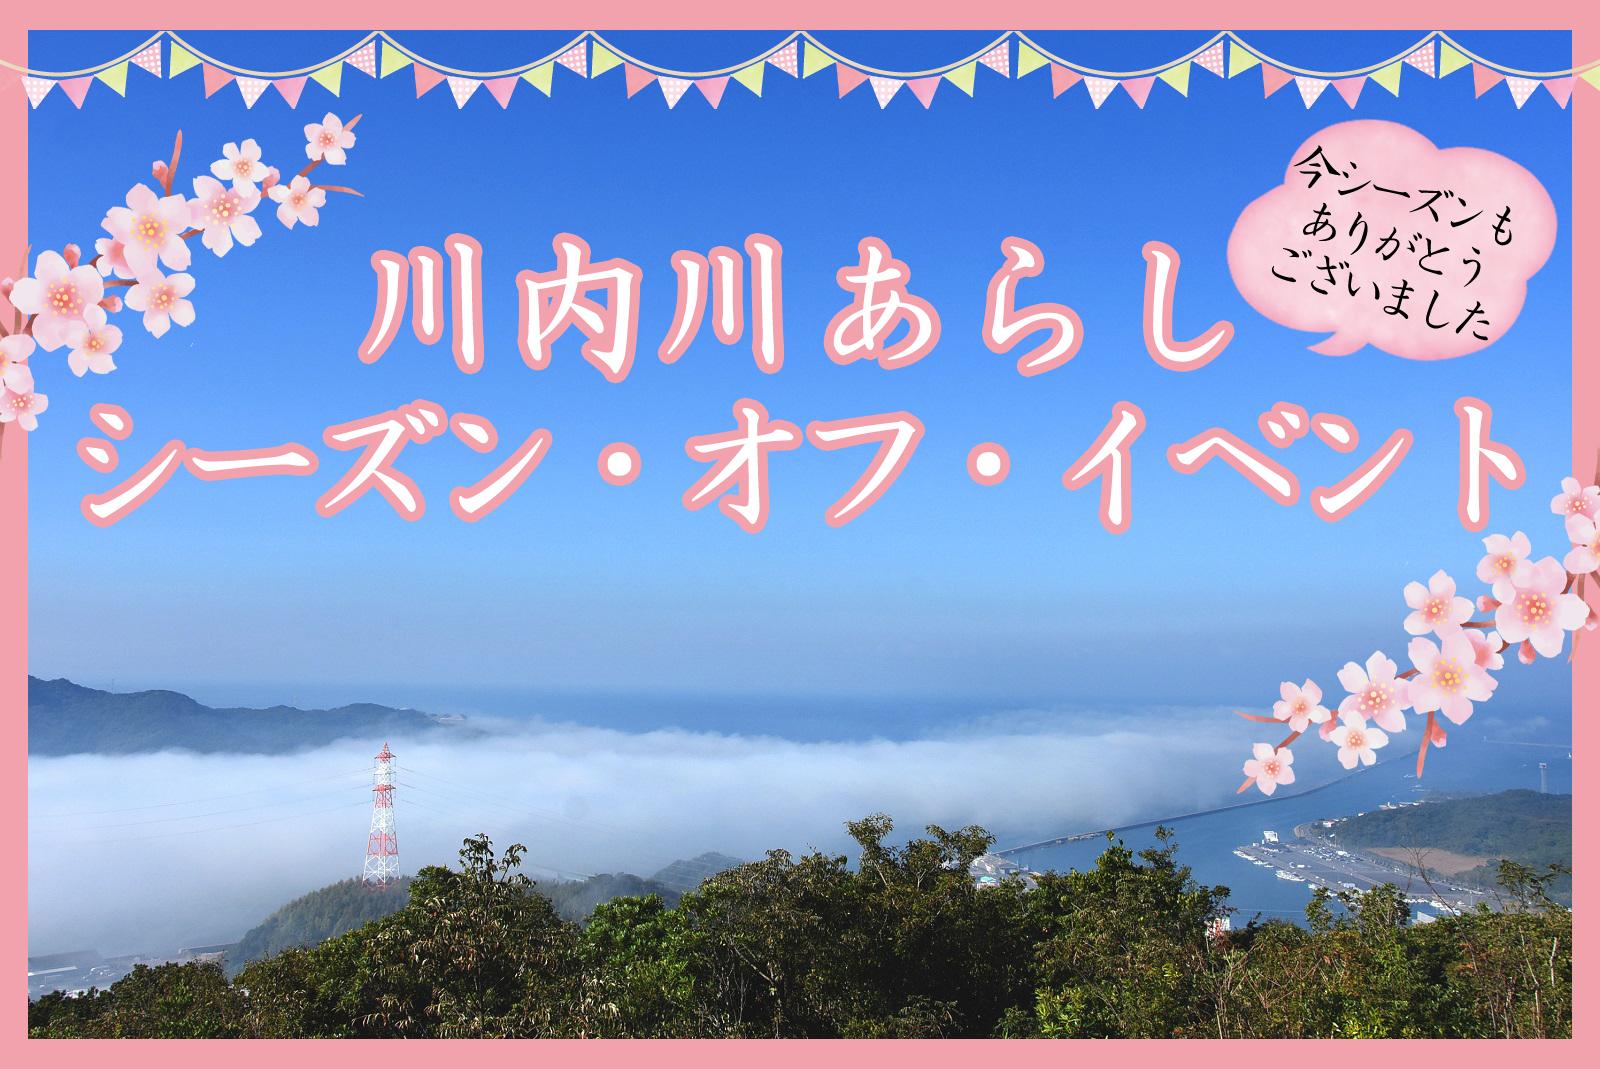 川内川あらしシーズン・オフ・イベント(会場:川内港高速船ターミナル)